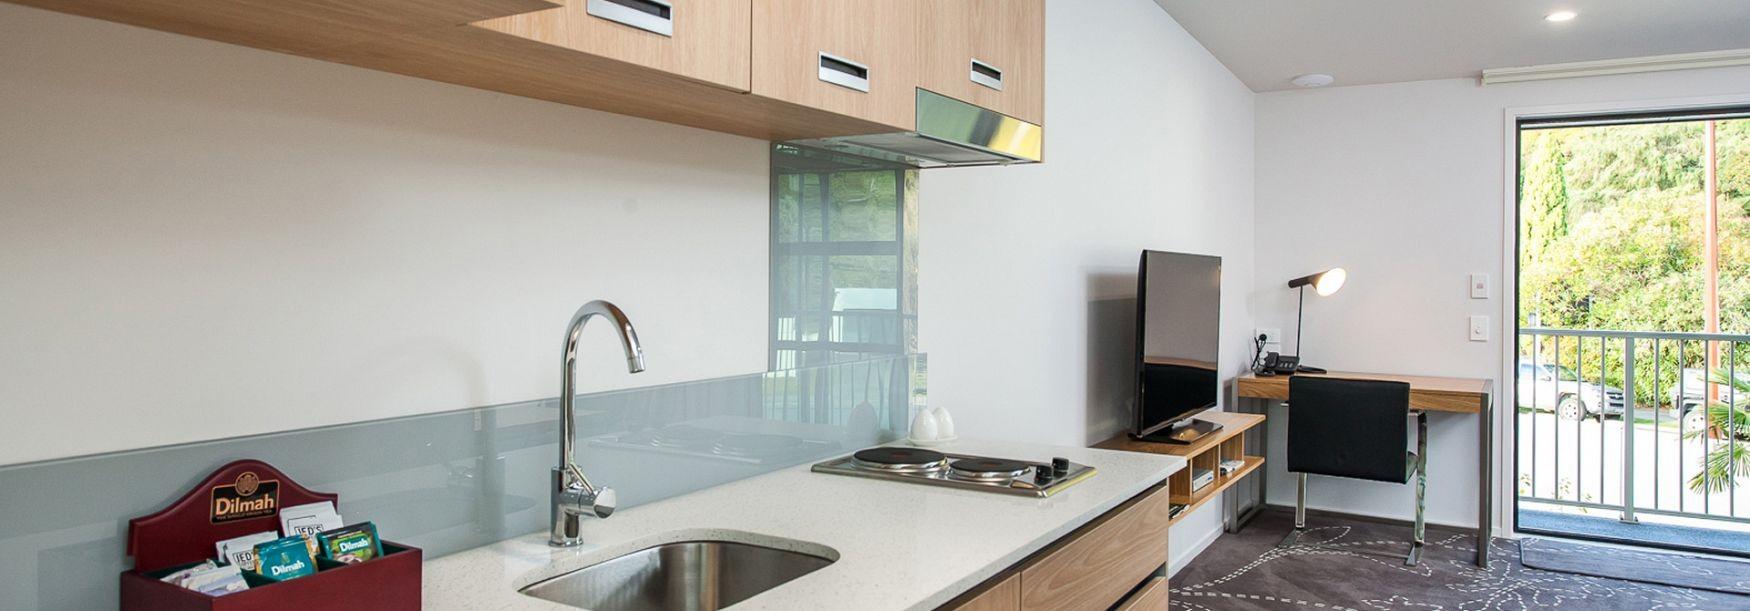 Luxury Whakatane Motel Accommodation | One88 on Commerce